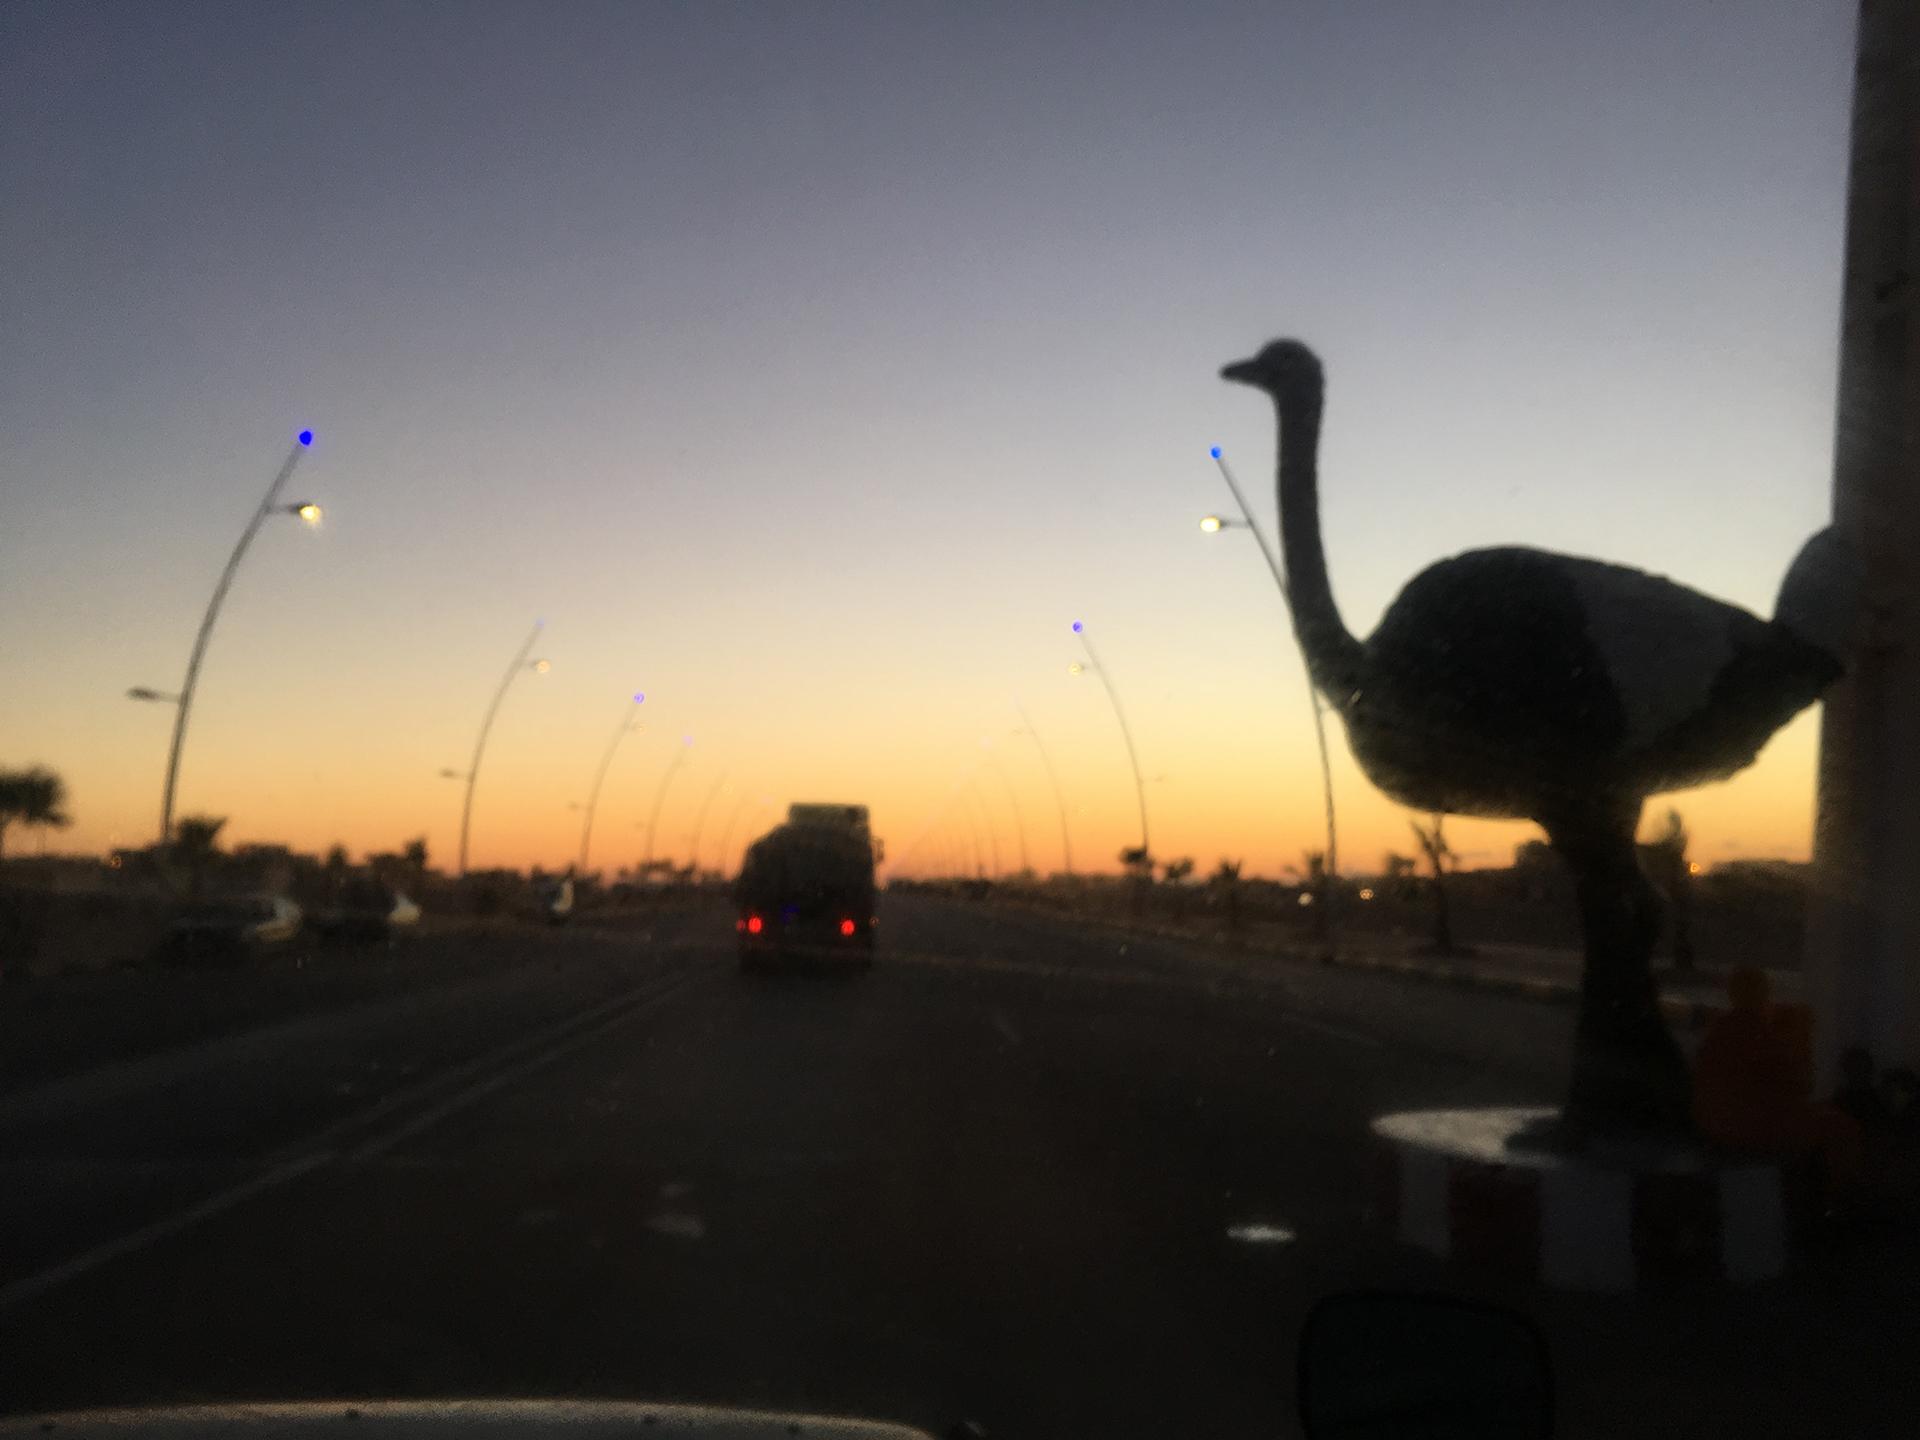 avestruz marruecos pablocaminante 1 - Marruecos 2/3, Sahara Occidental